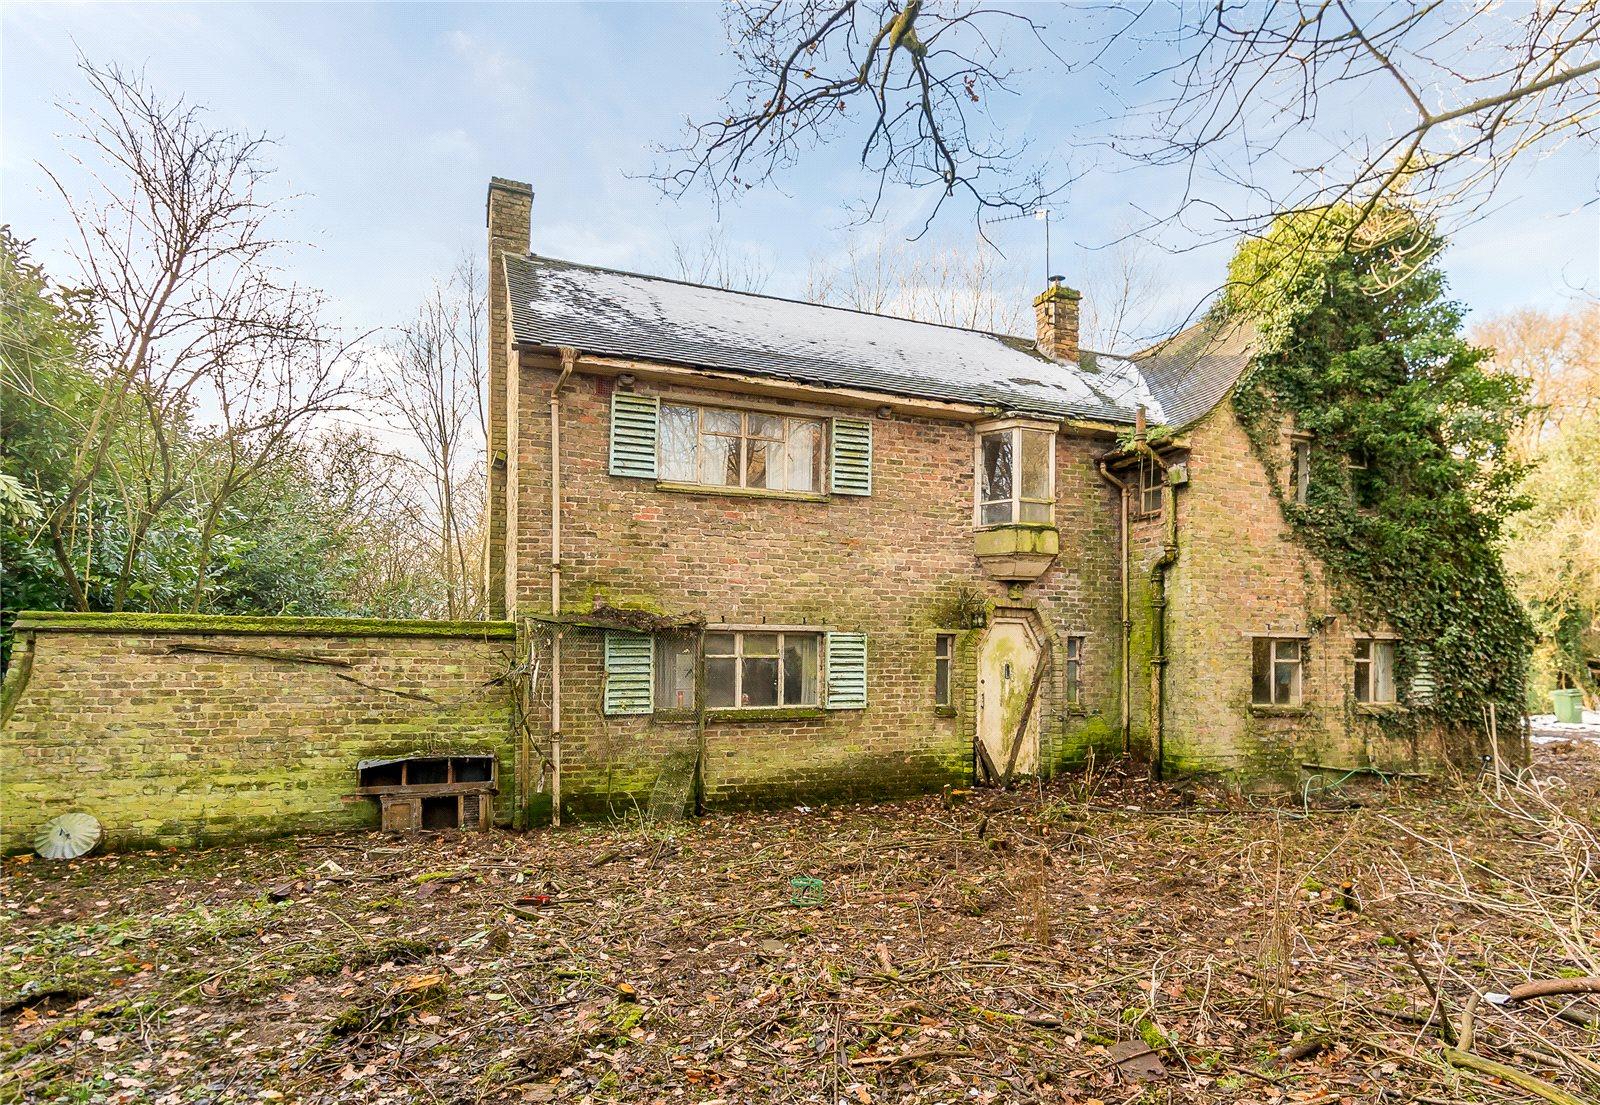 Bower Heath Lane, Bower Heath, Harpenden, Hertfordshire, AL5 Harpenden, England